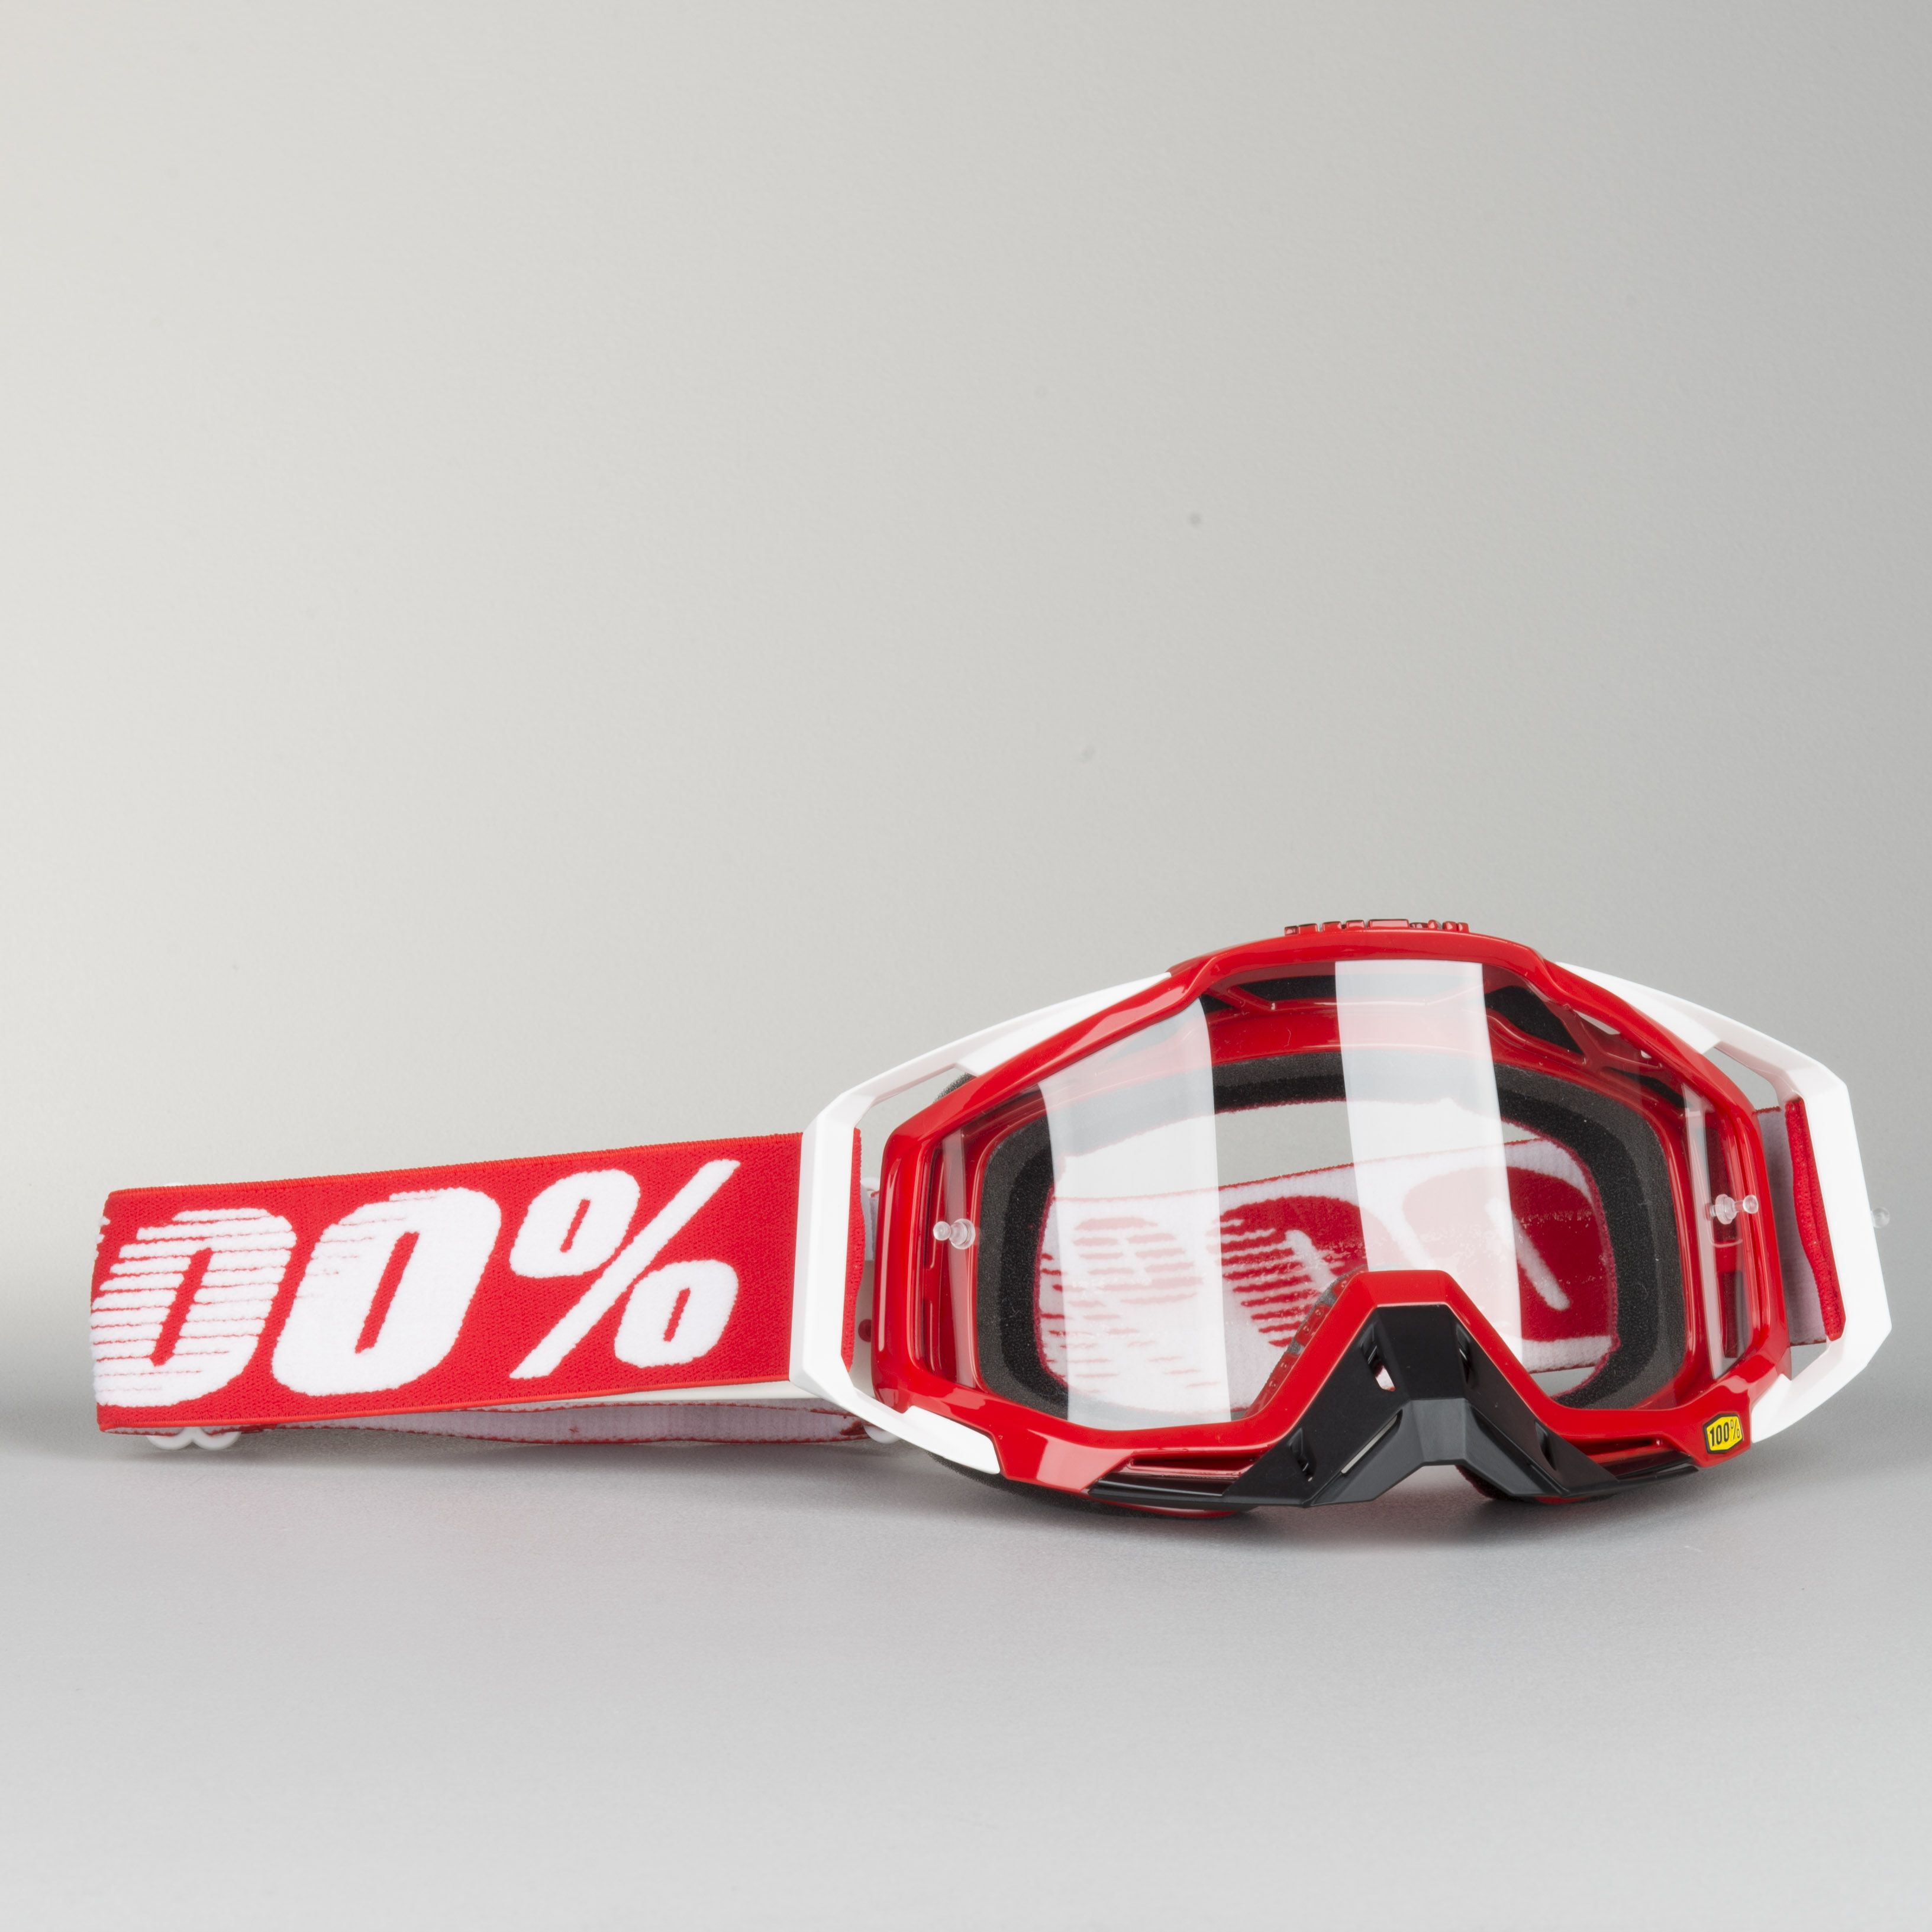 100% Syndicate Hoodie Hyperloop Now 30% Savings XLmoto.eu